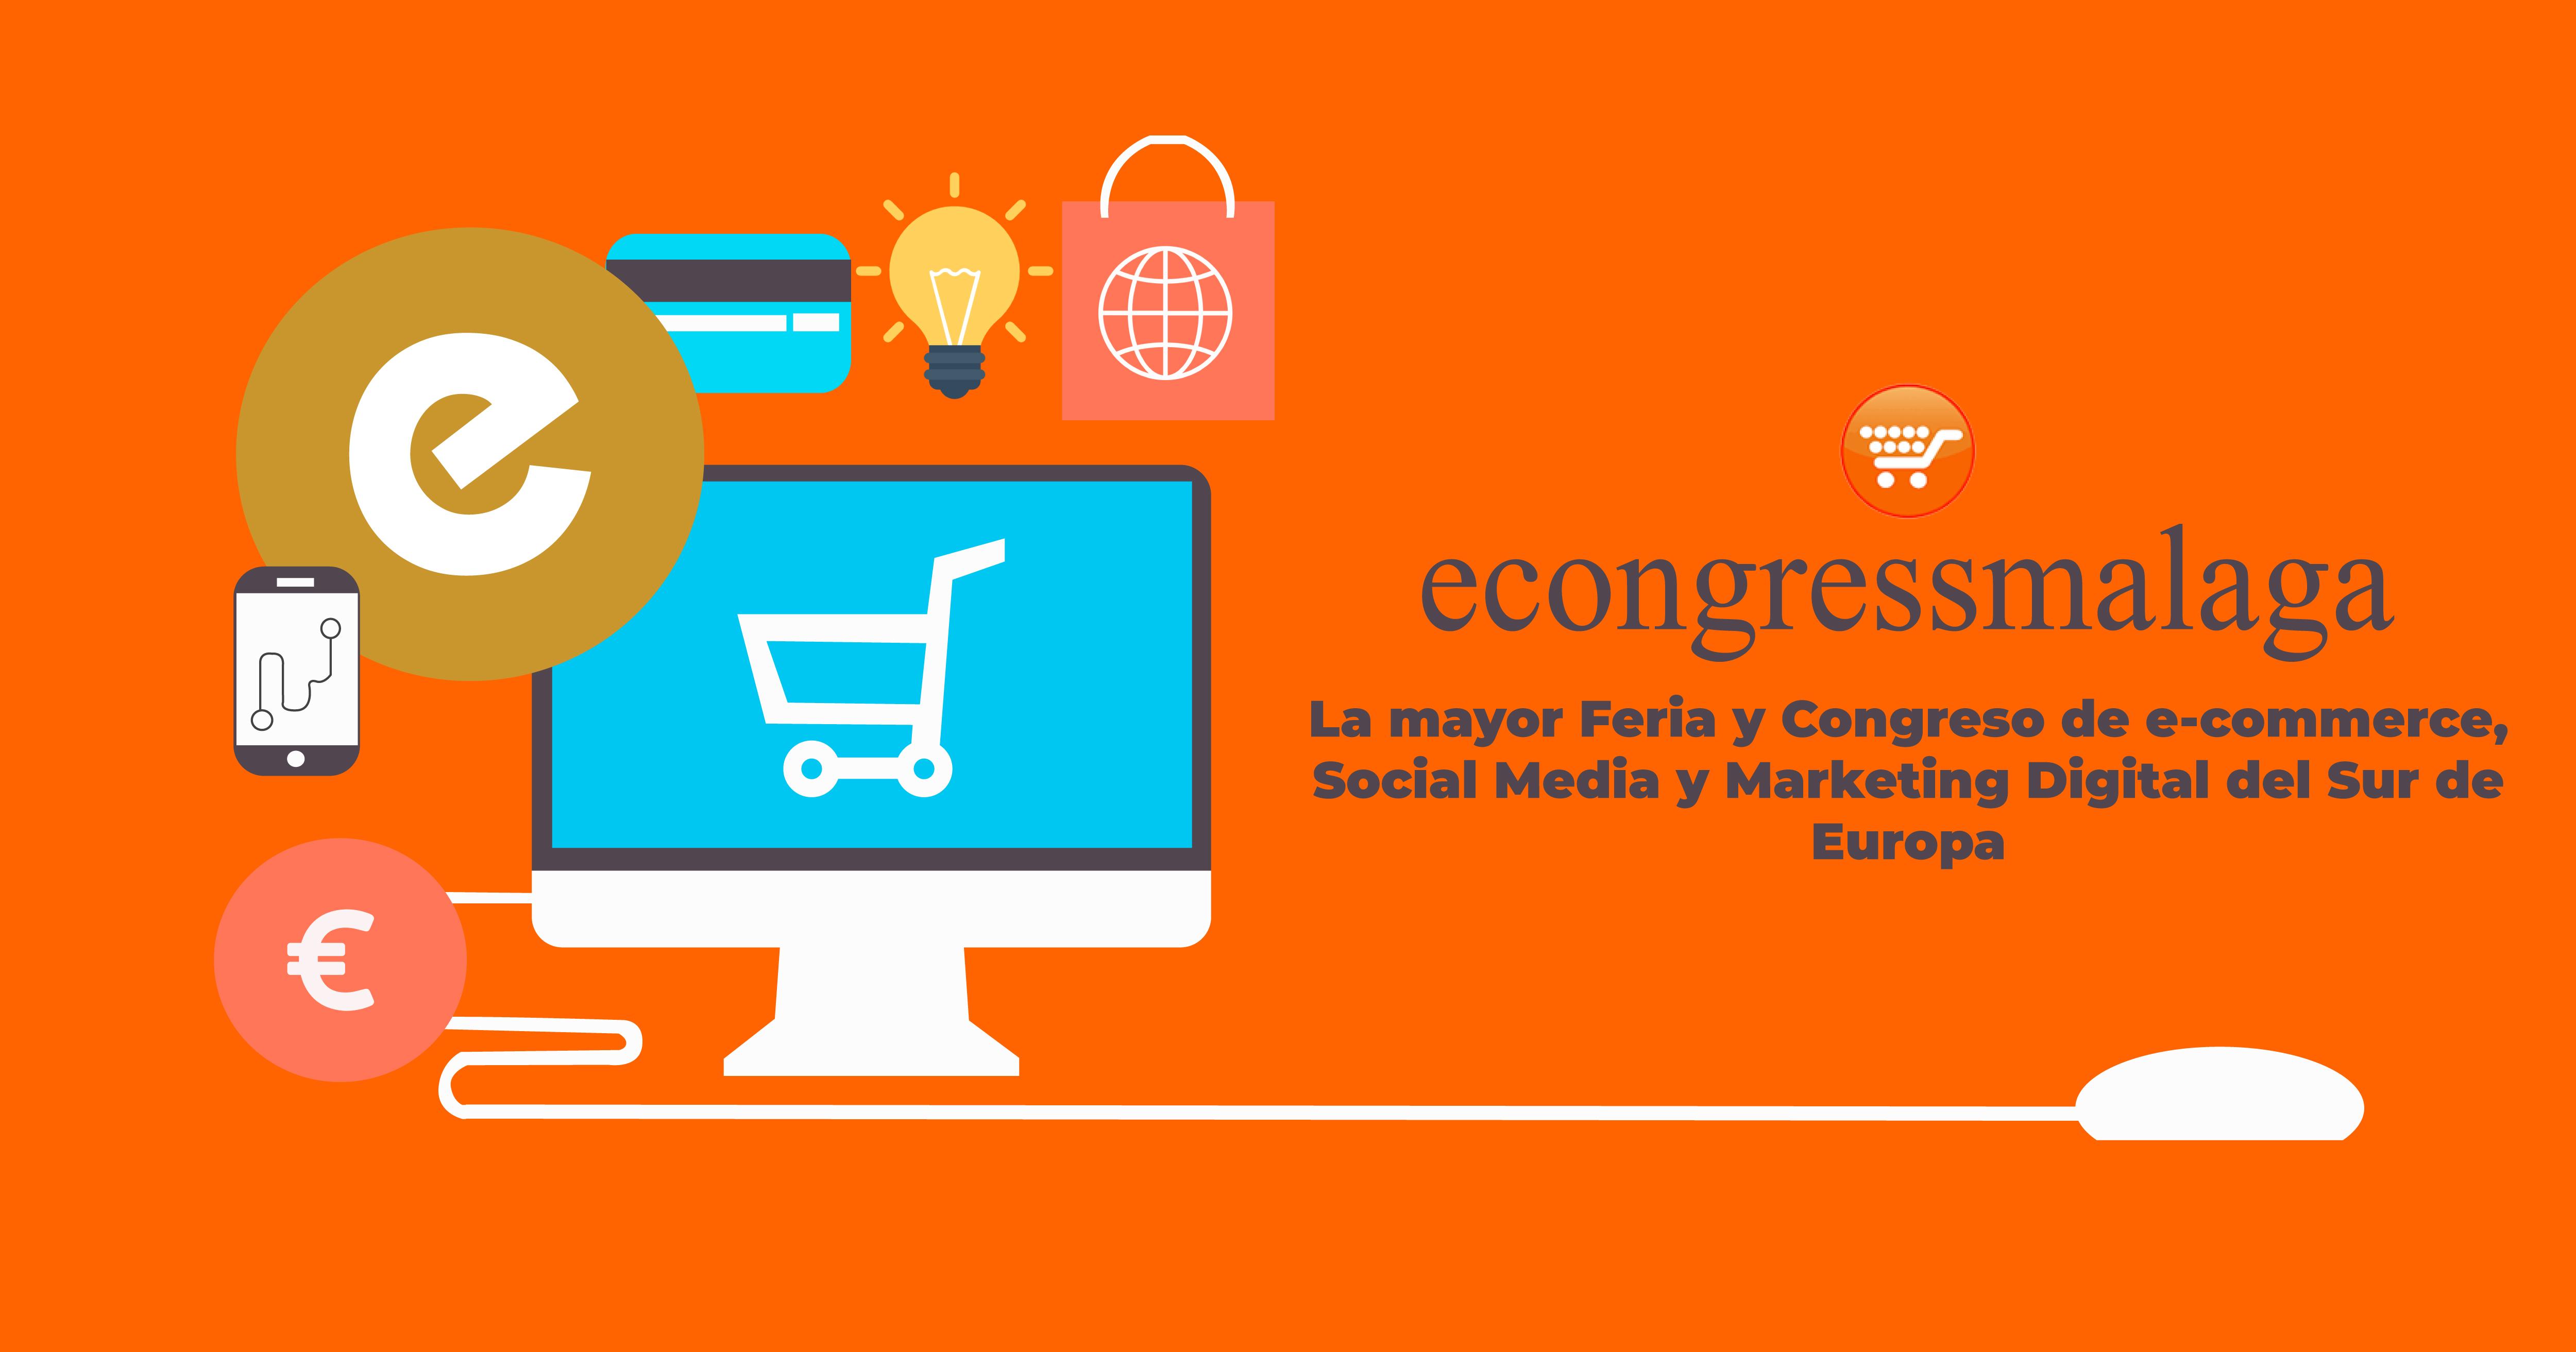 Vuelve eCongress, la mayor feria de ecommerce, Social Media y Marketing Digital del Sur de Europa